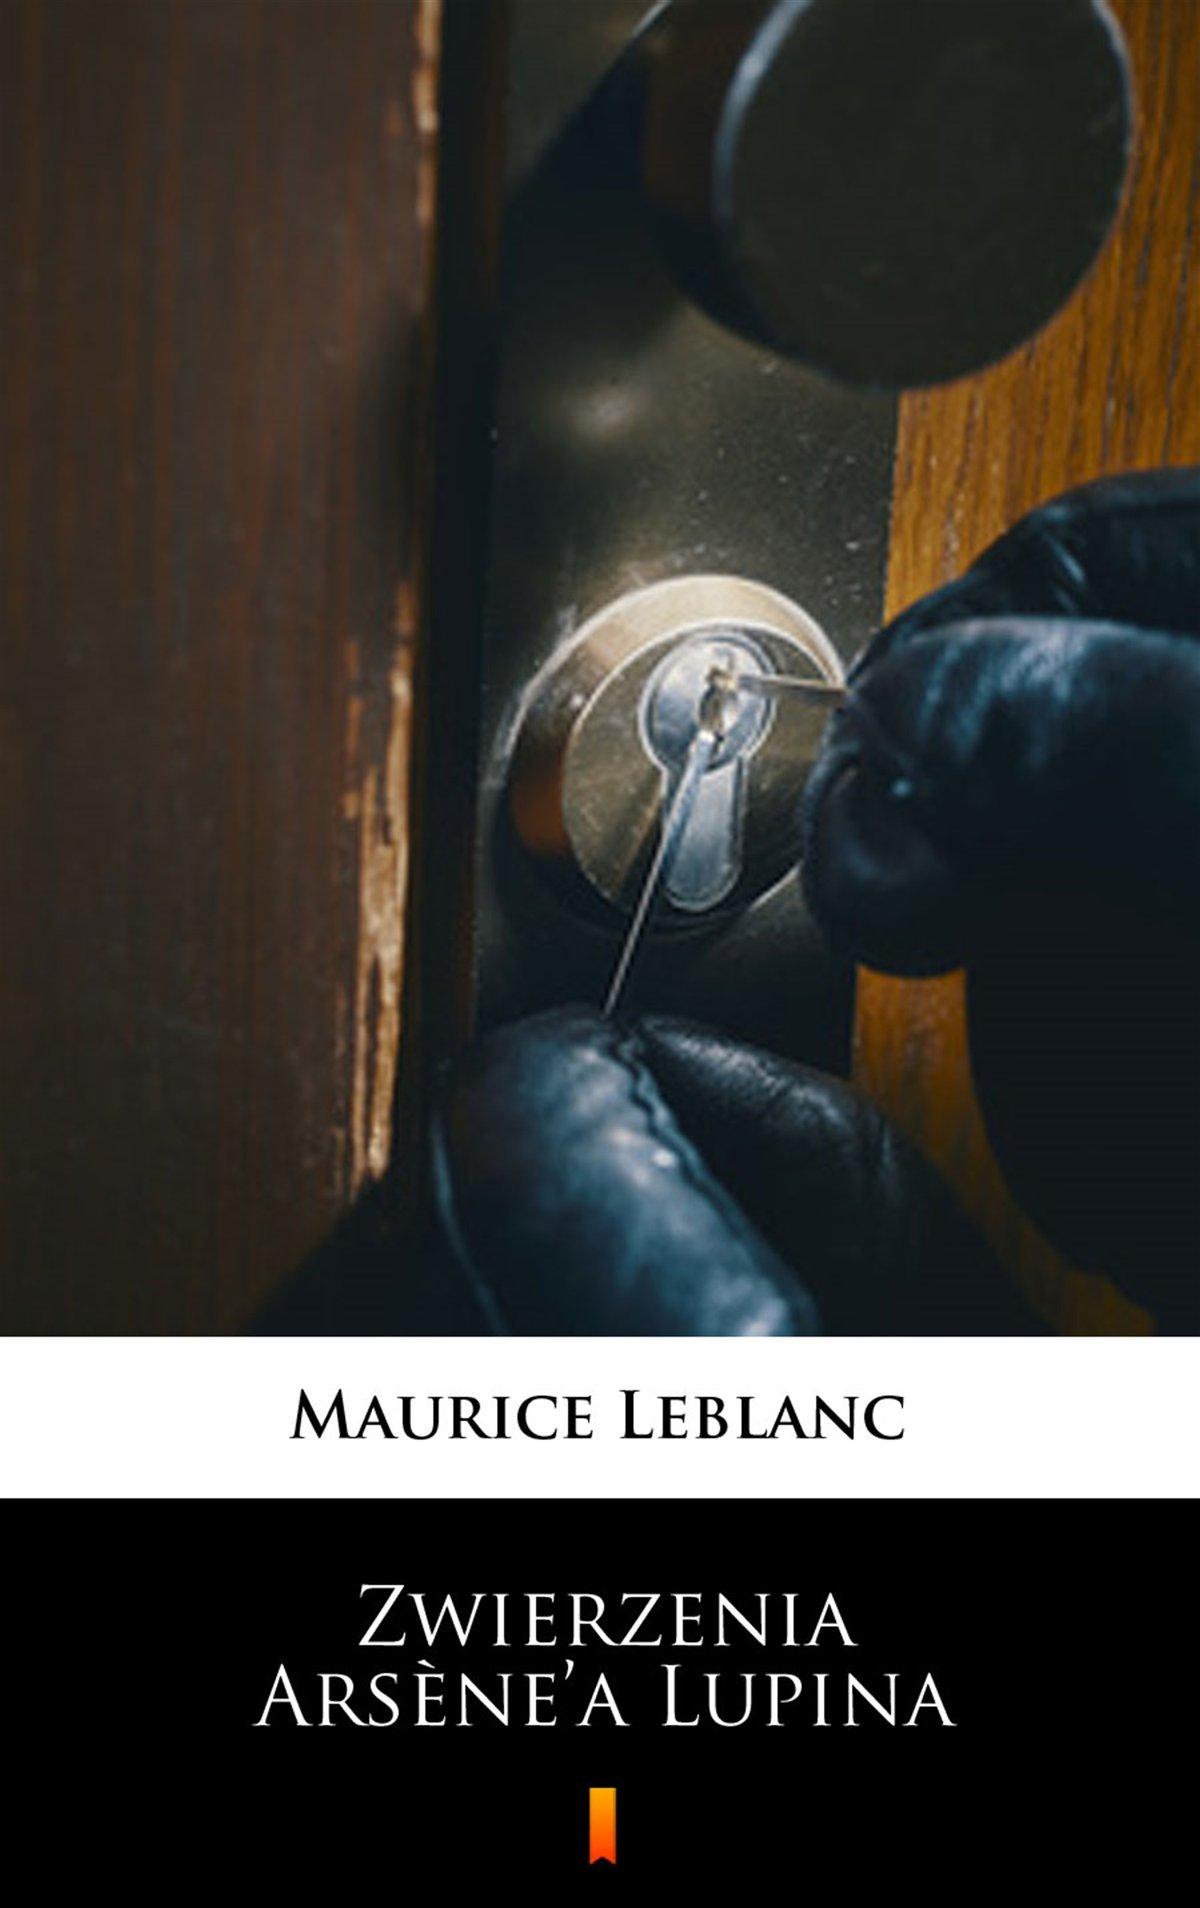 Zwierzenia Arsène'a Lupina - Ebook (Książka na Kindle) do pobrania w formacie MOBI